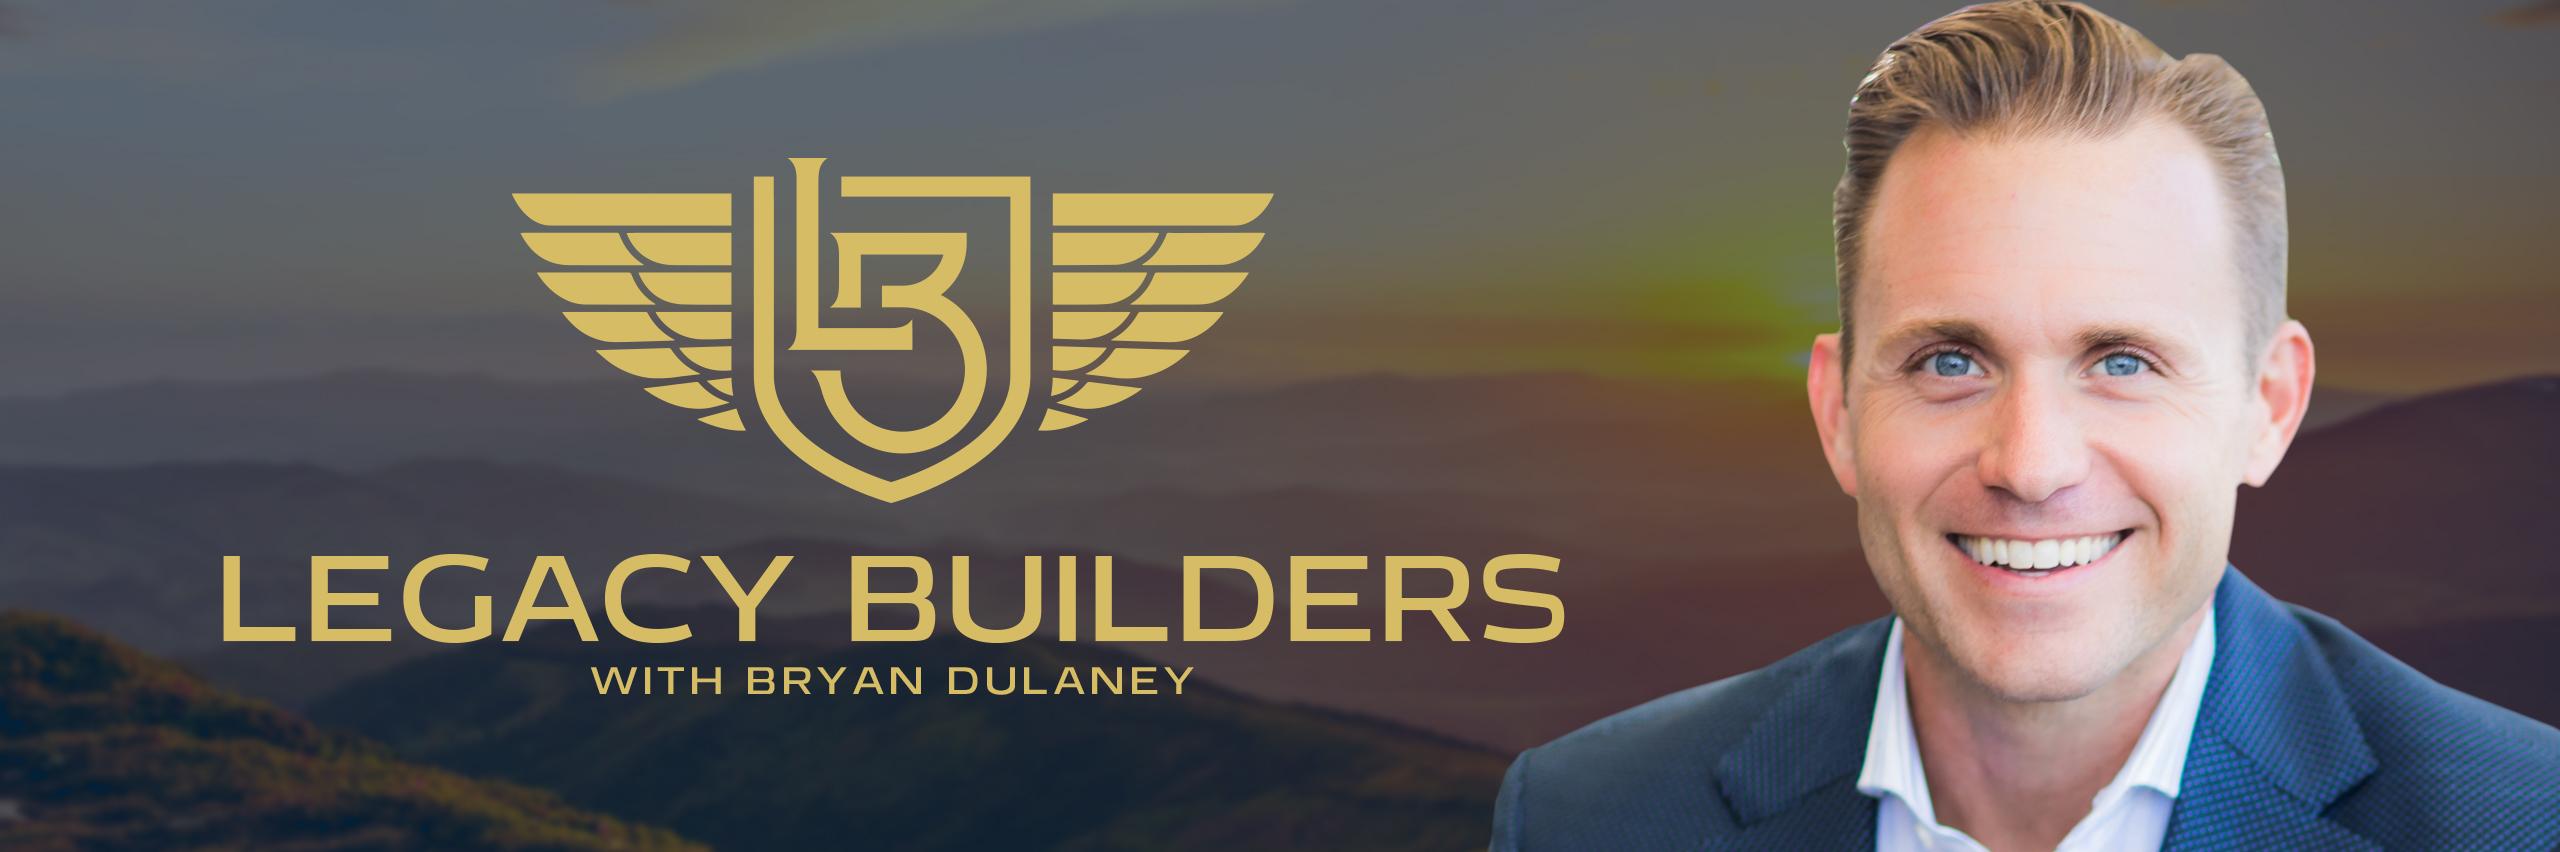 Legacy_Builders-header02